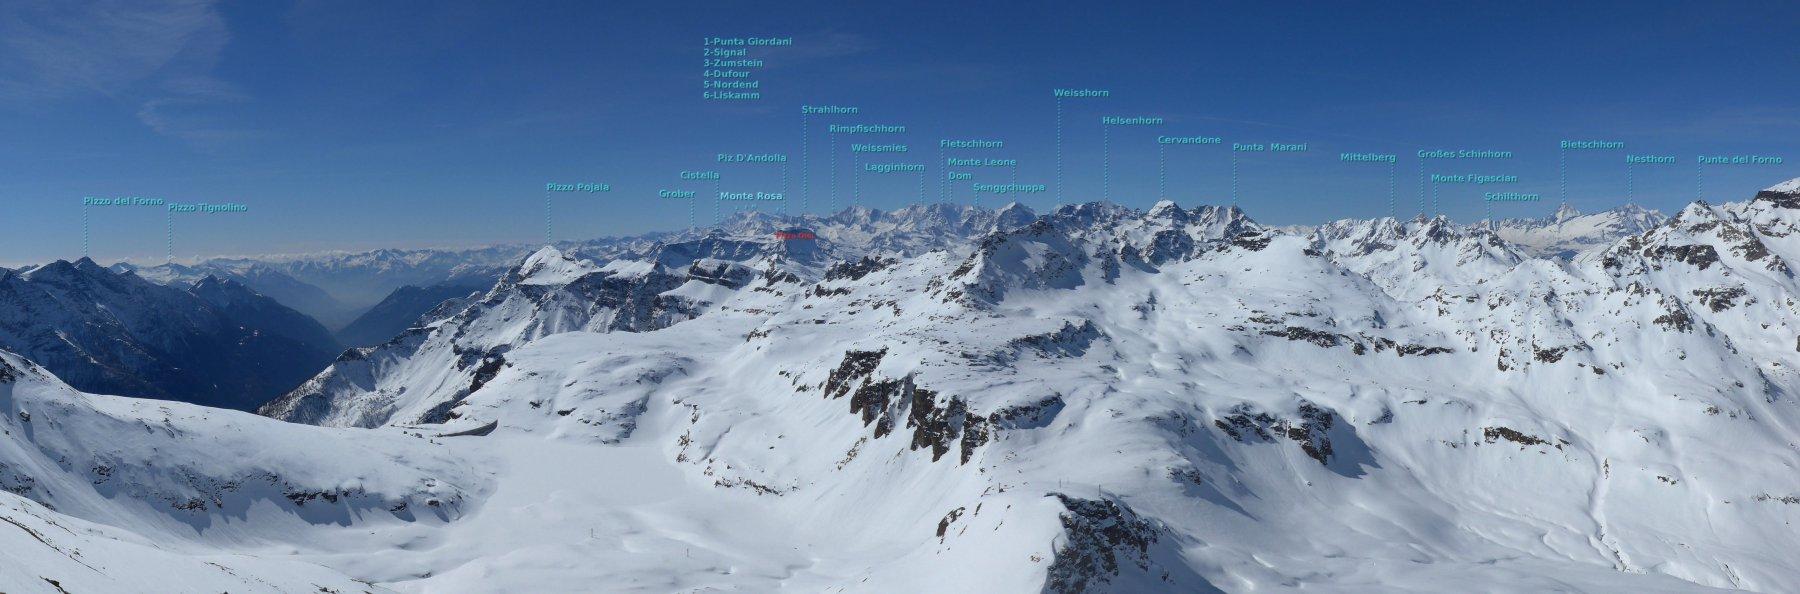 panoramica verso il Monte Rosa